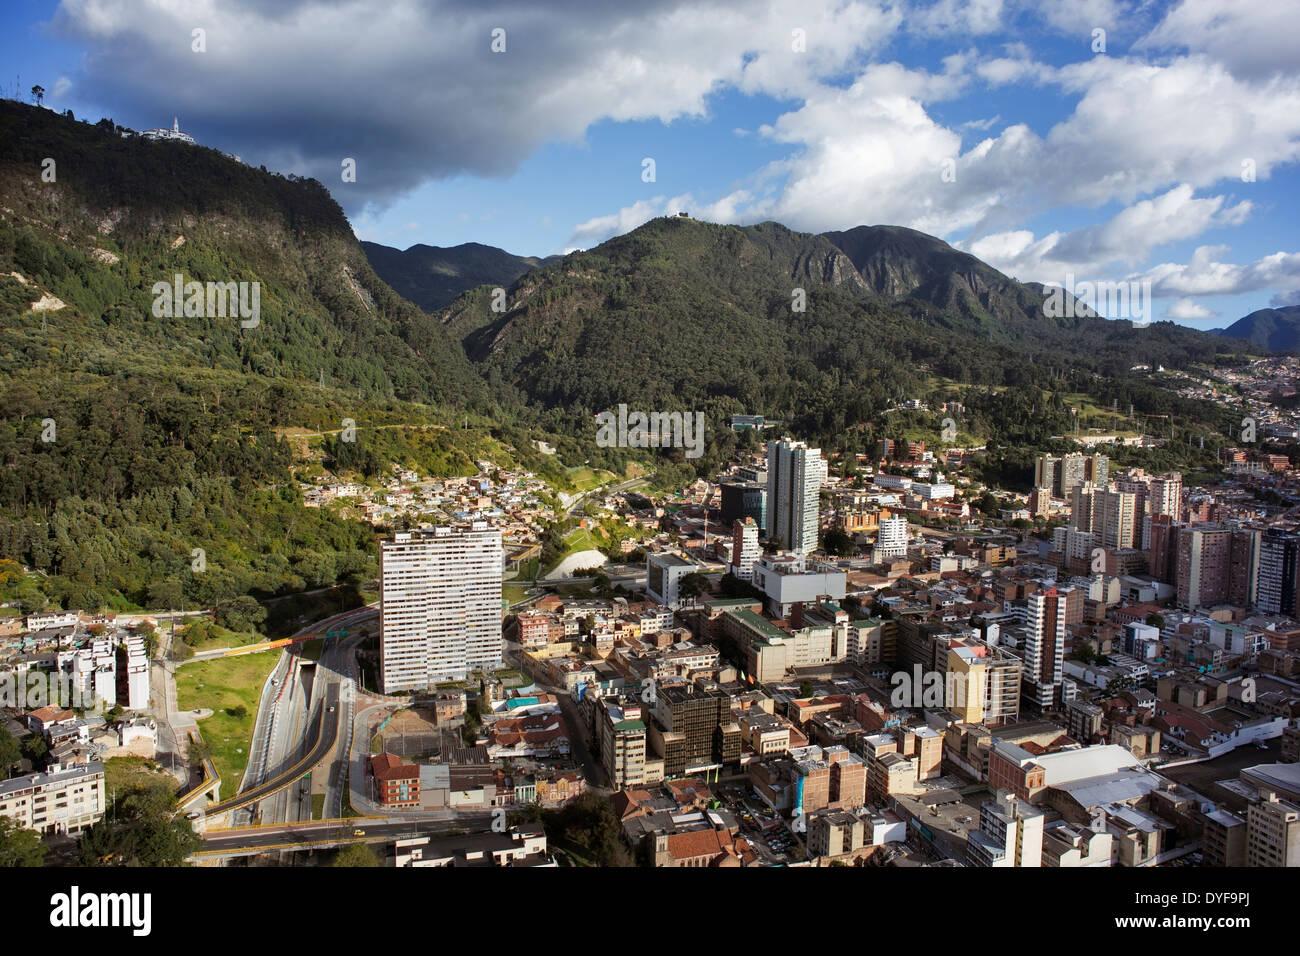 Vue panoramique de Bogotá, la capitale de la Colombie. Vue aérienne du centre de Bogota et de la montagne Monserrate (église) Photo Stock